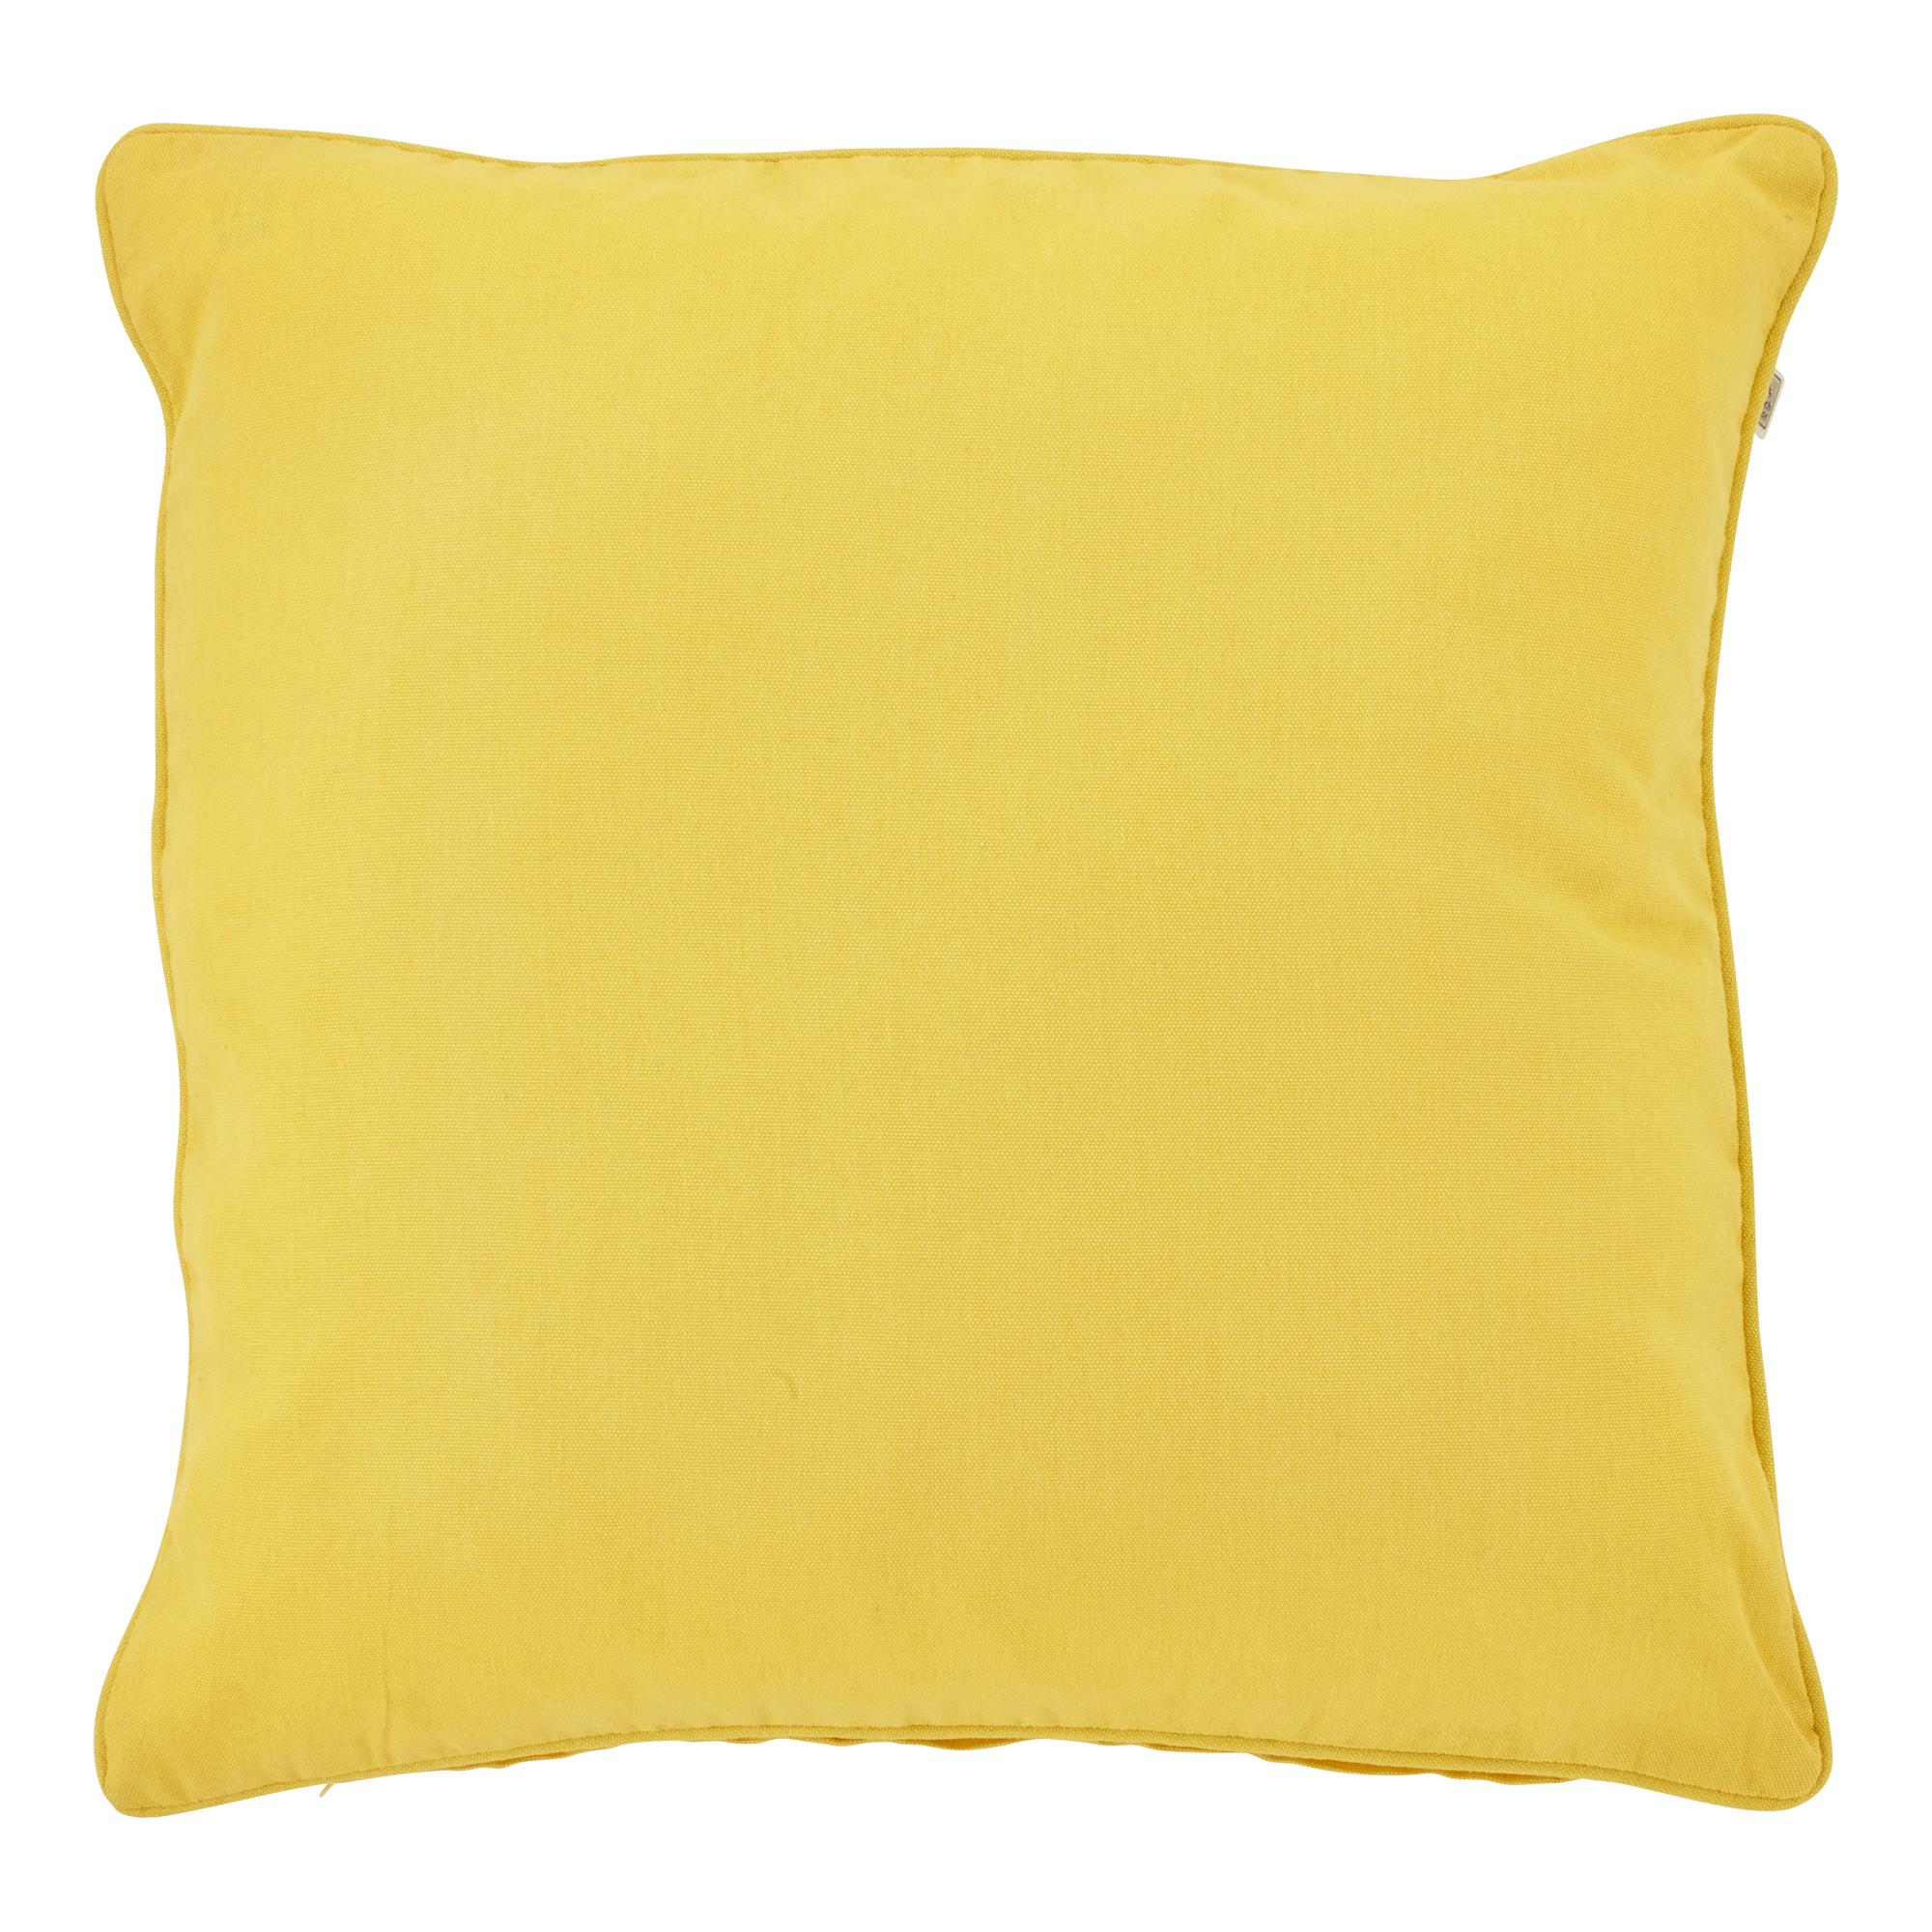 JAVA - Sierkussen geel 70x70 cm